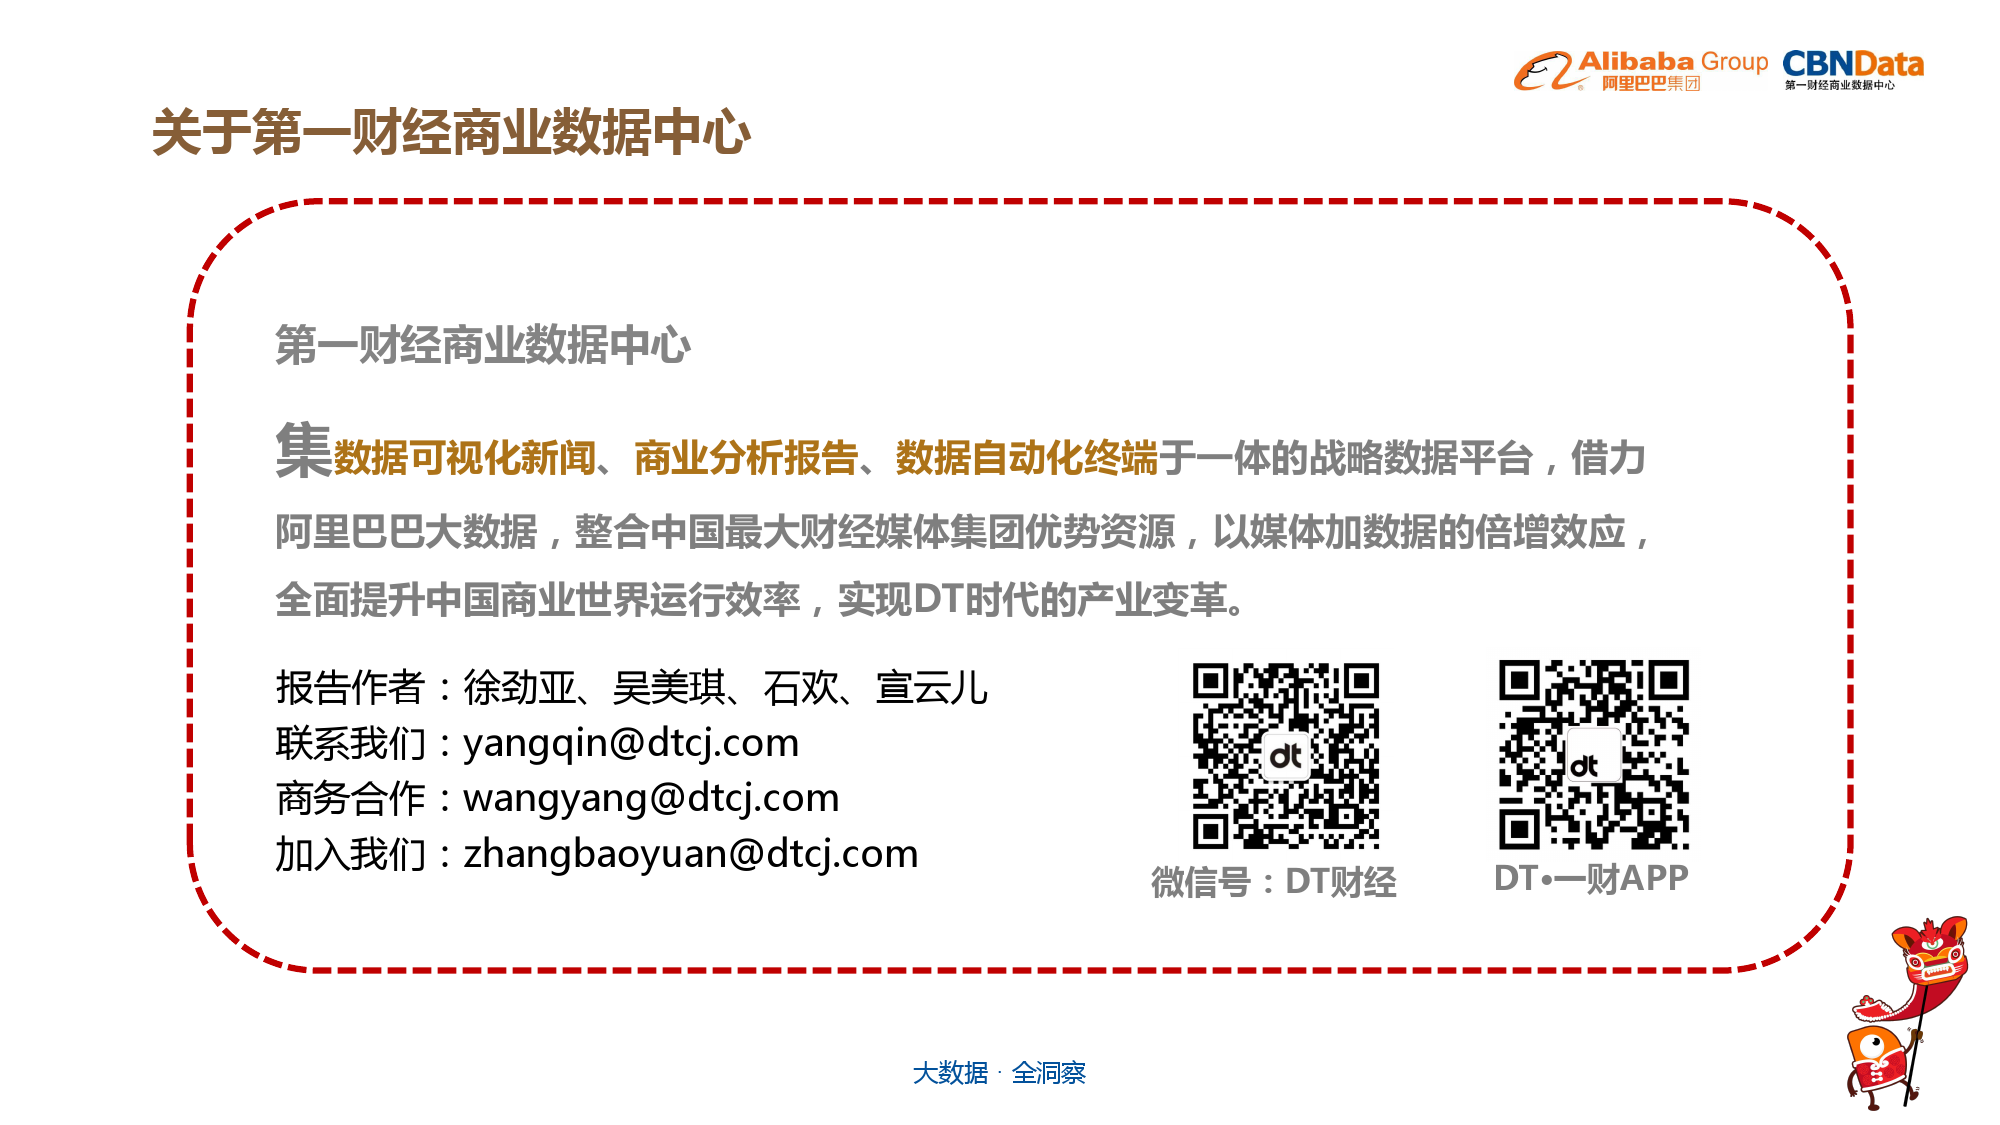 中国年货大数据报告_000041